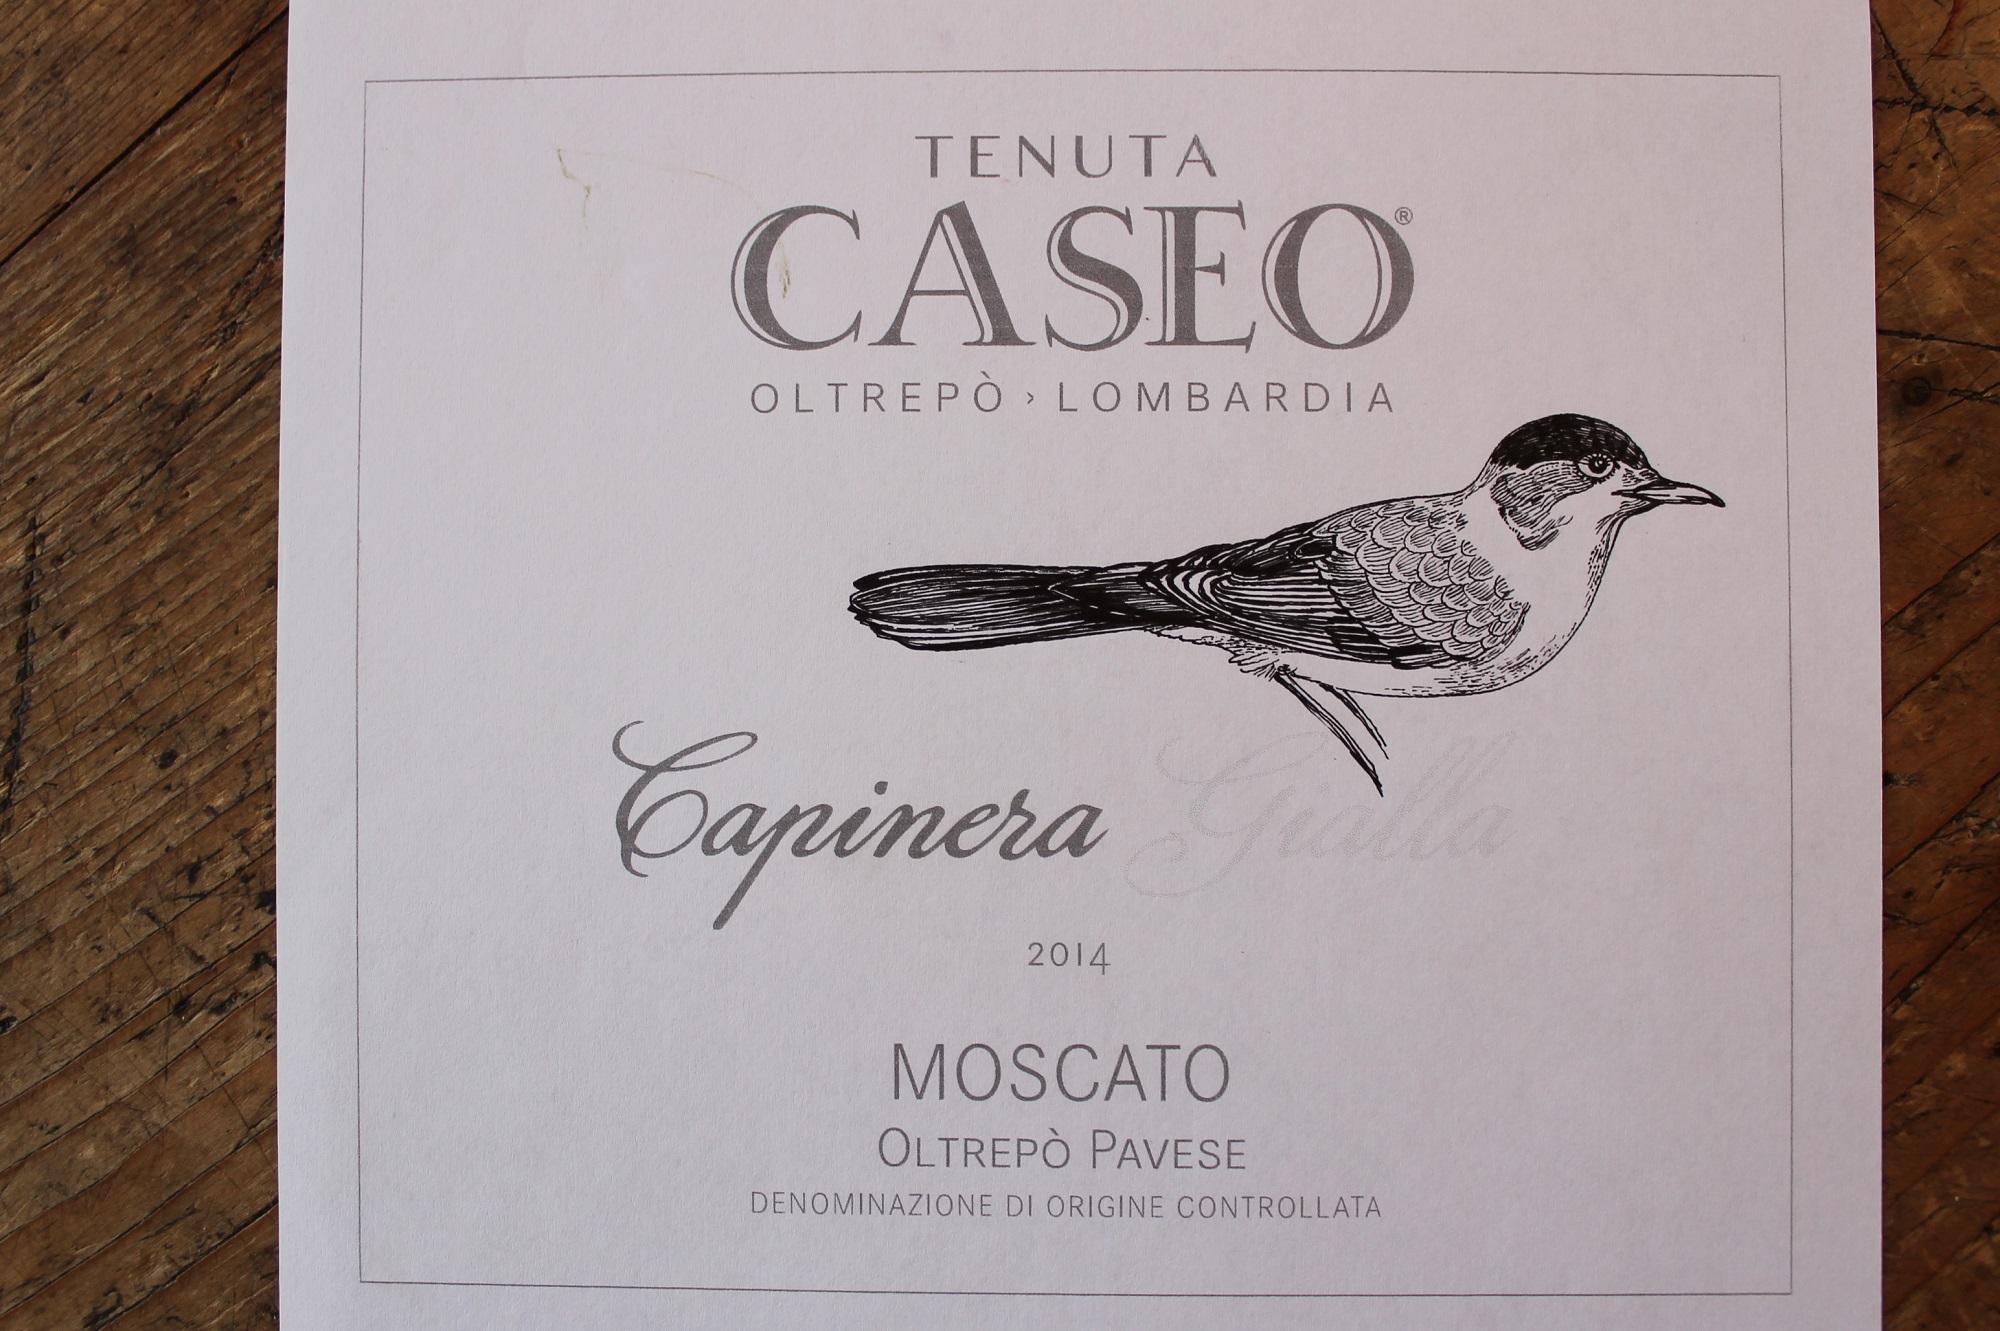 prova etichetta vino Moscato Capinera Gialla Tenuta CASEO